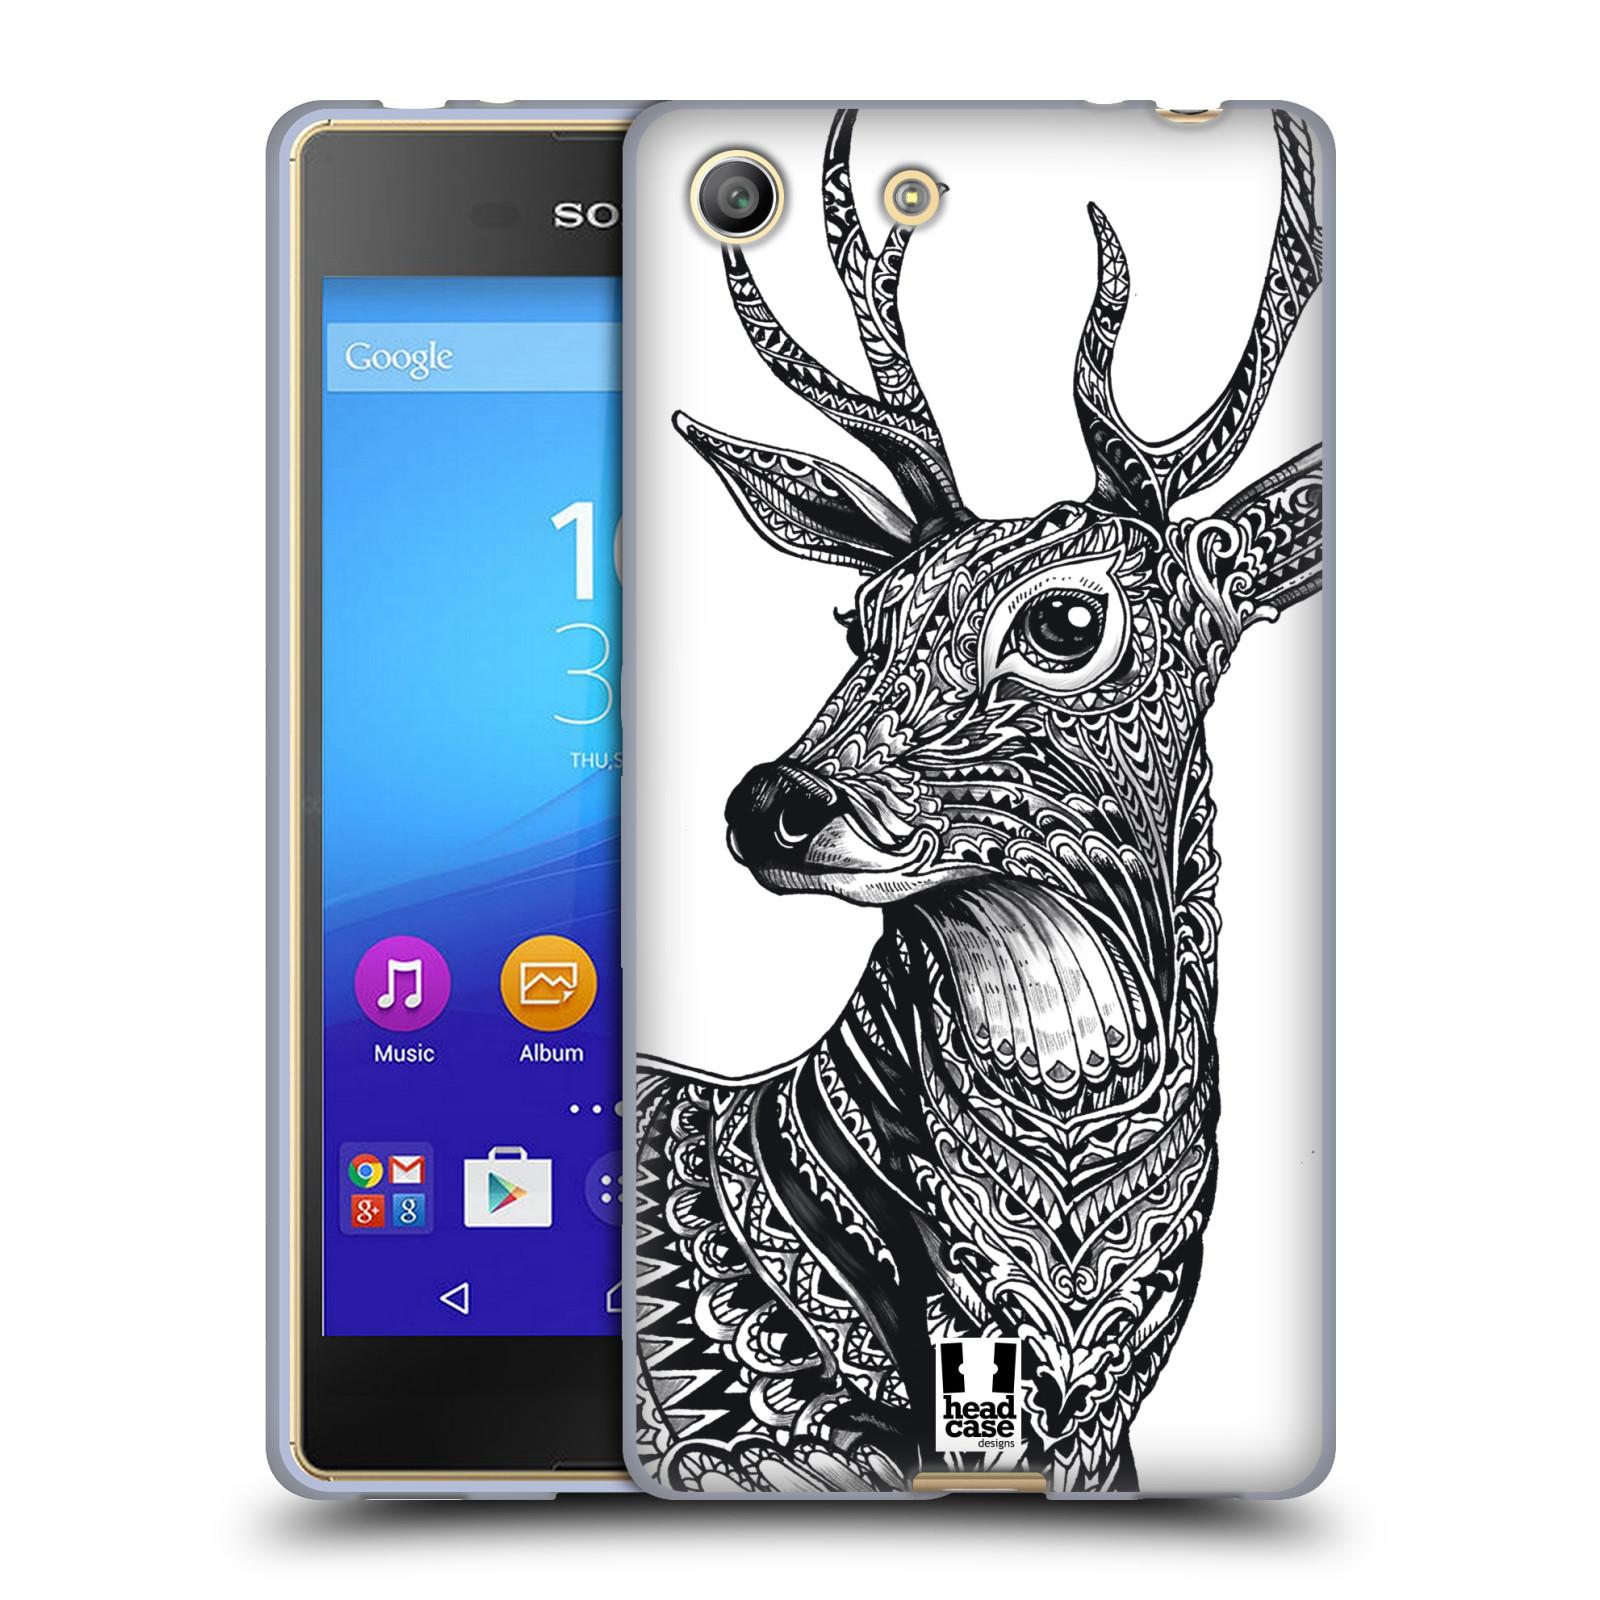 Silikonové pouzdro na mobil Sony Xperia M5 HEAD CASE Zdobený Jelínek (Silikonový kryt či obal na mobilní telefon Sony Xperia M5 Dual SIM / Aqua)